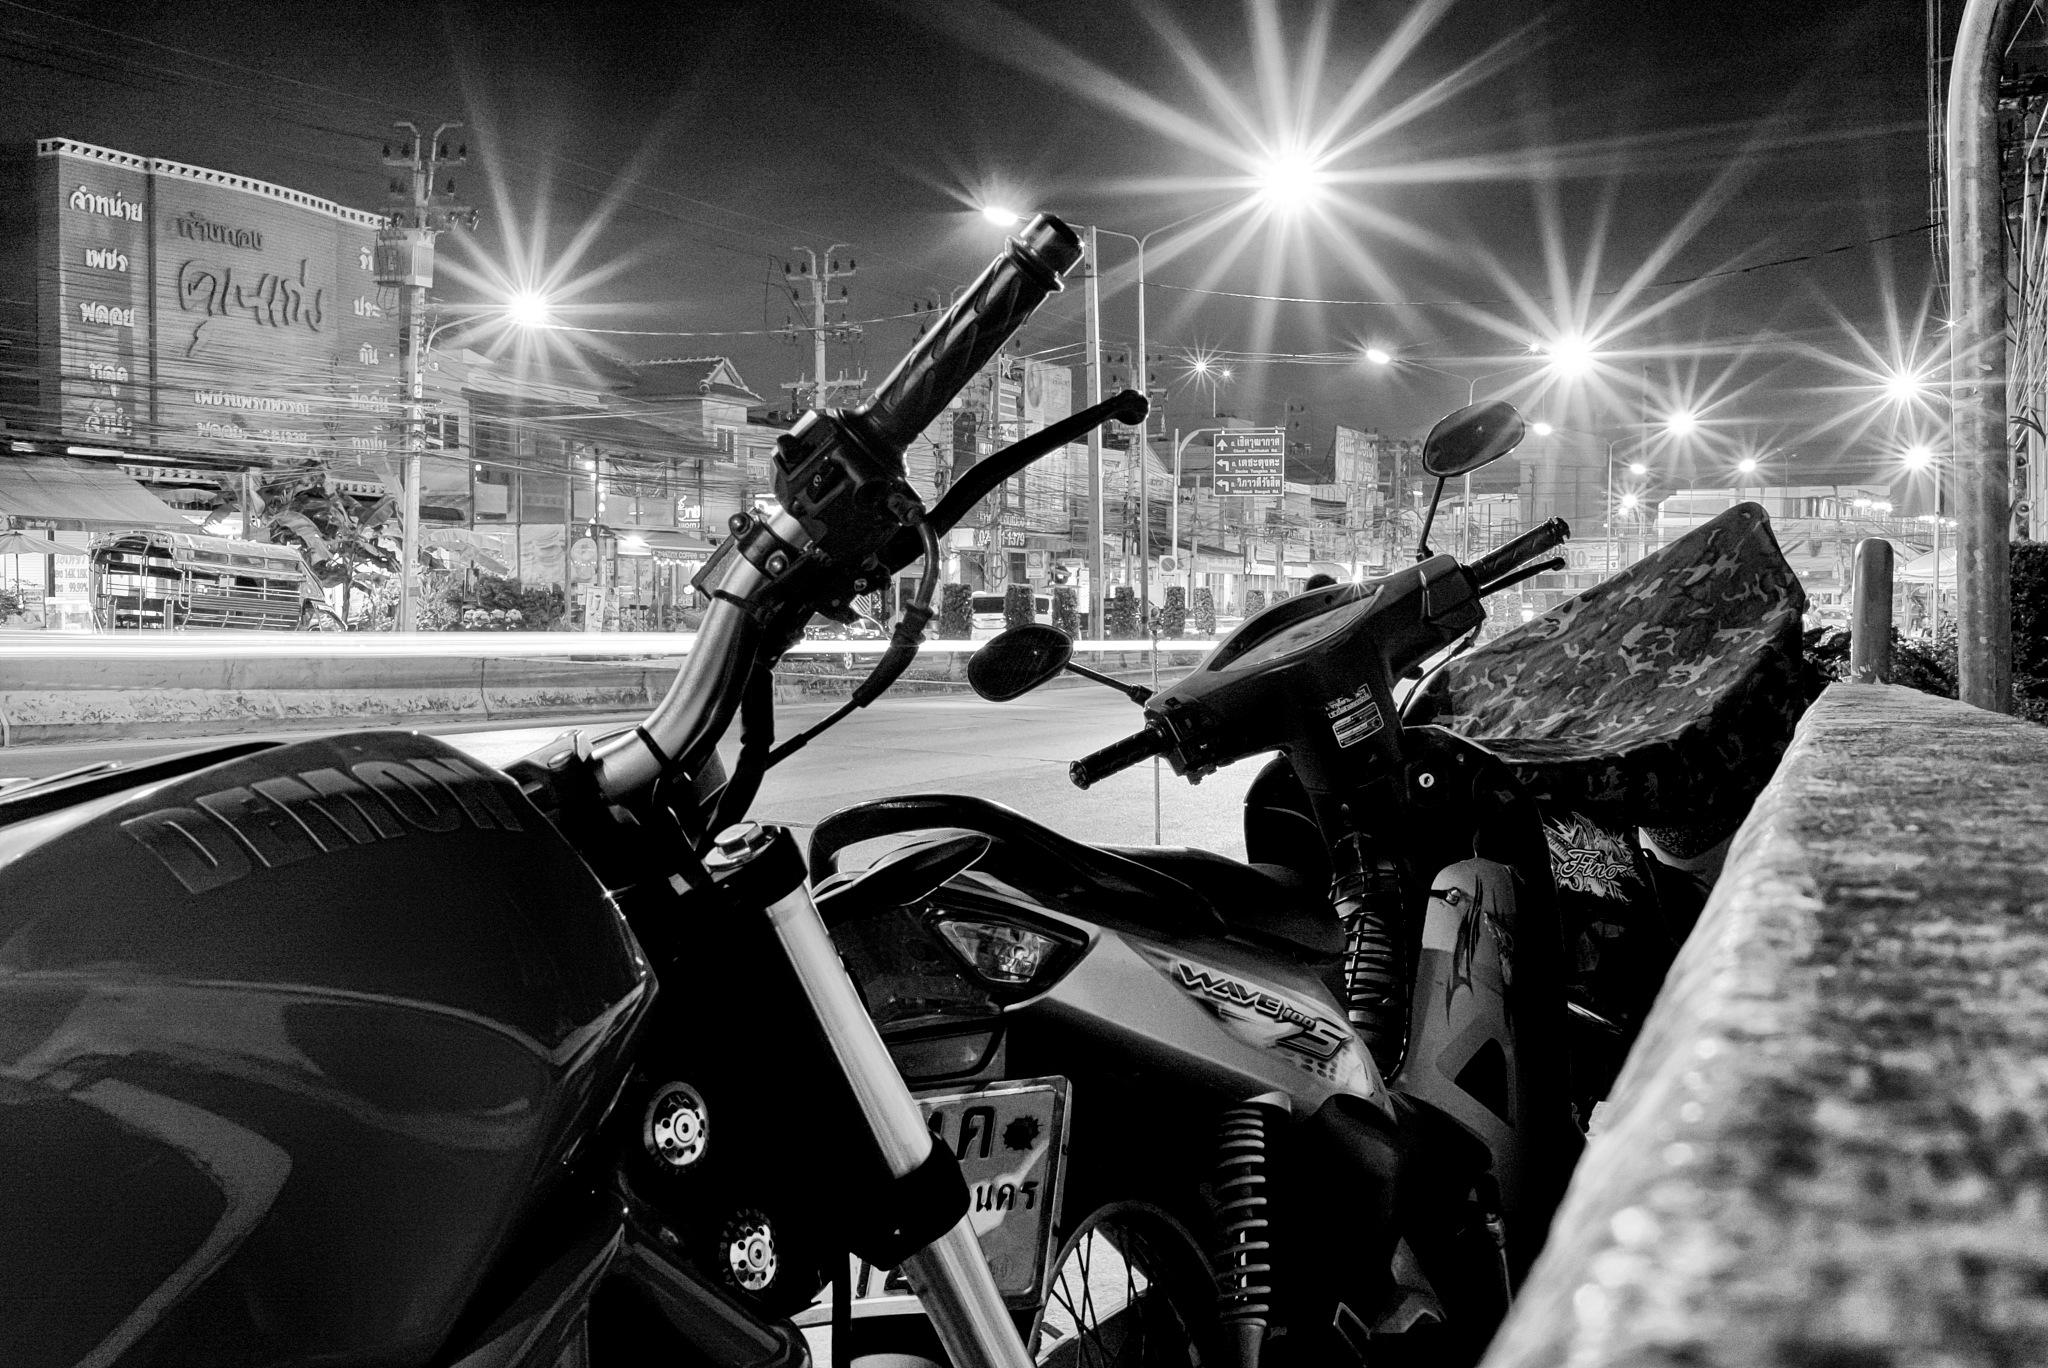 Adagio con moto by jctorelle